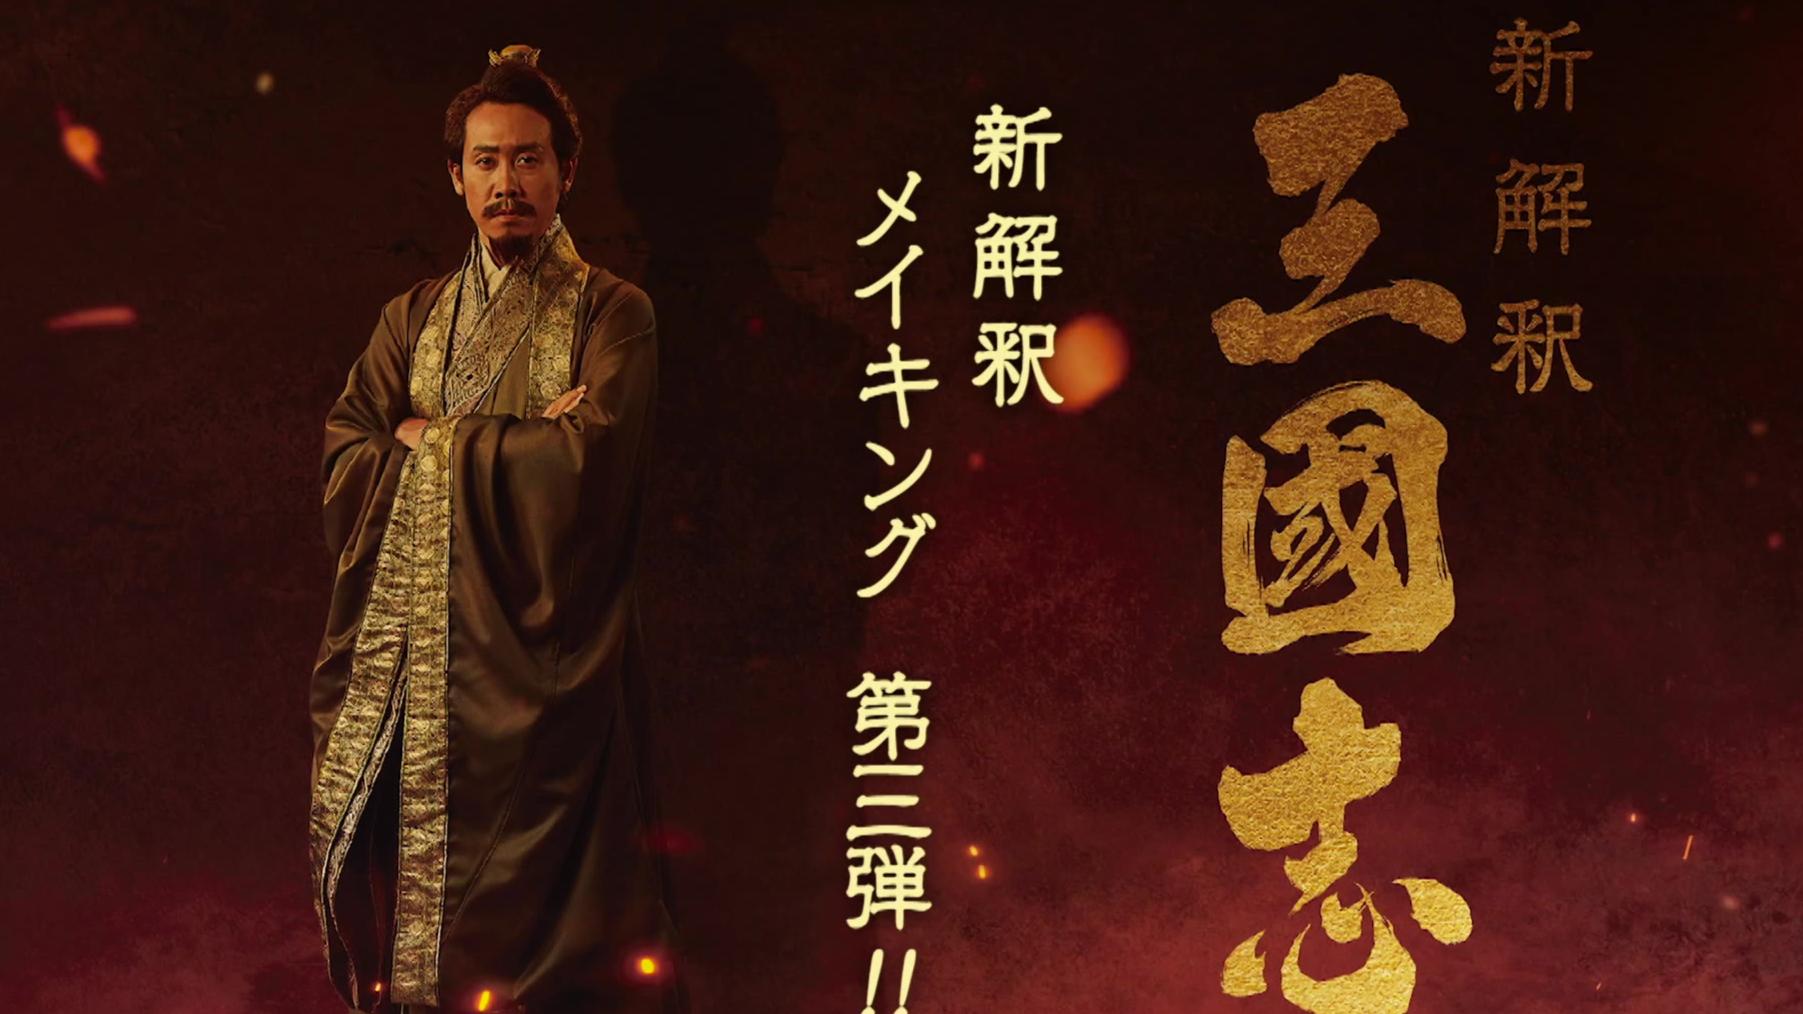 映画『新解釈・三國志』メイキング映像